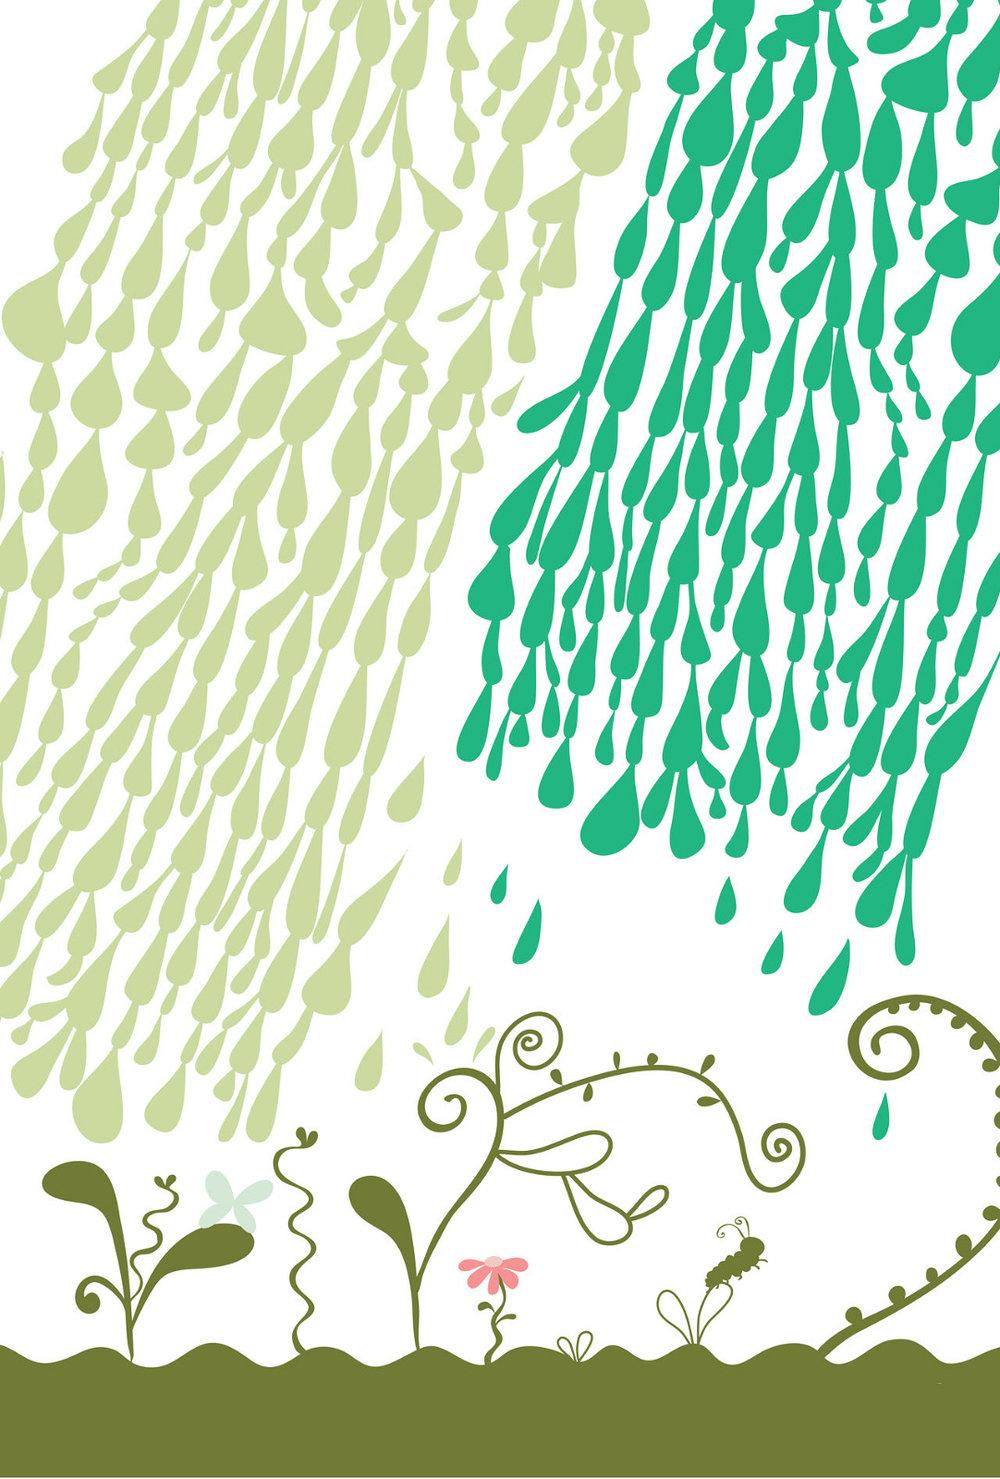 Dripdrop2 (spring palette)